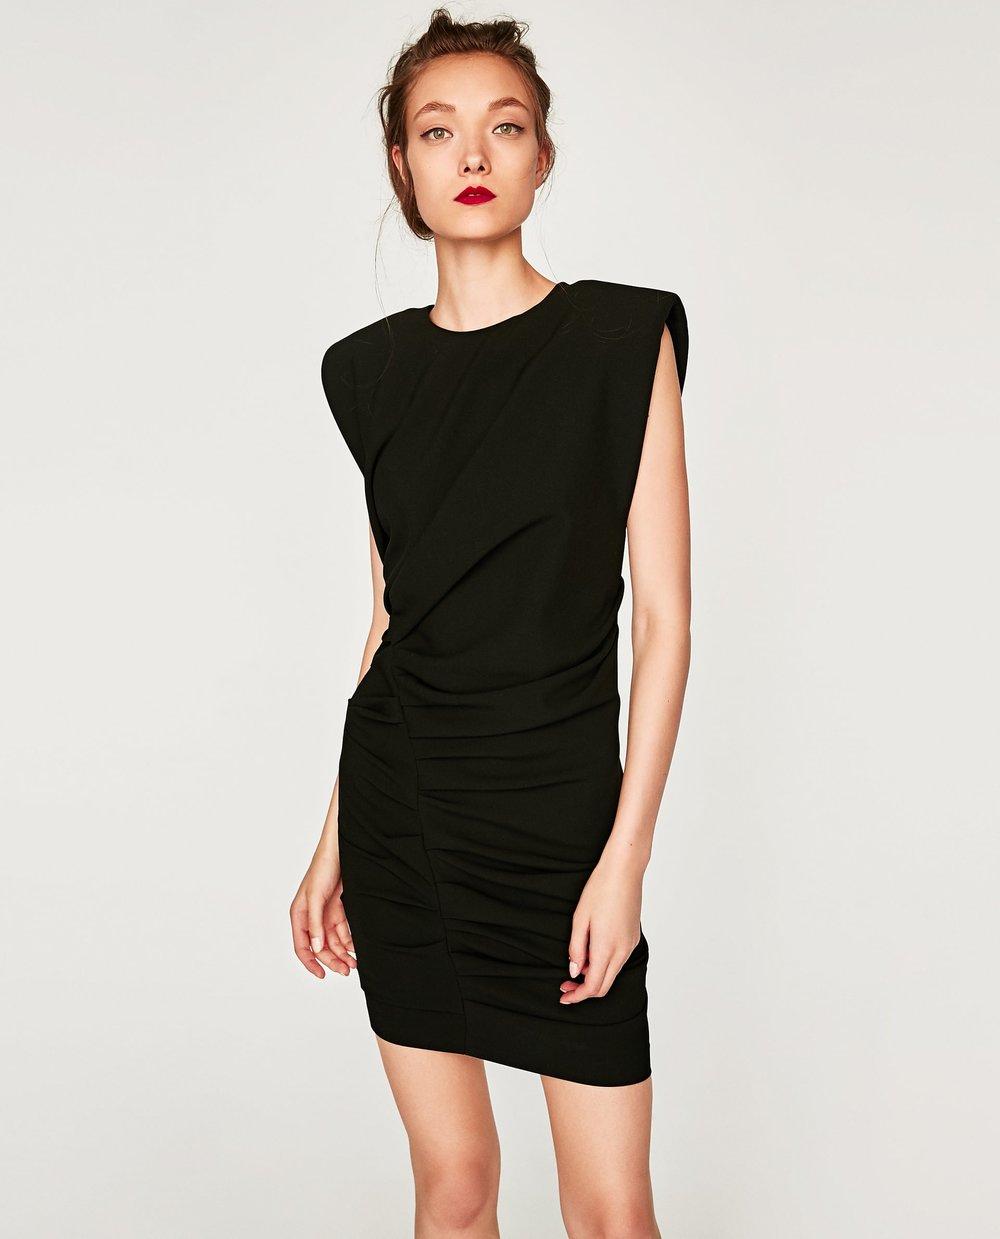 MINI DRAPED DRESS. Zara. Was: $89. Now: $35.